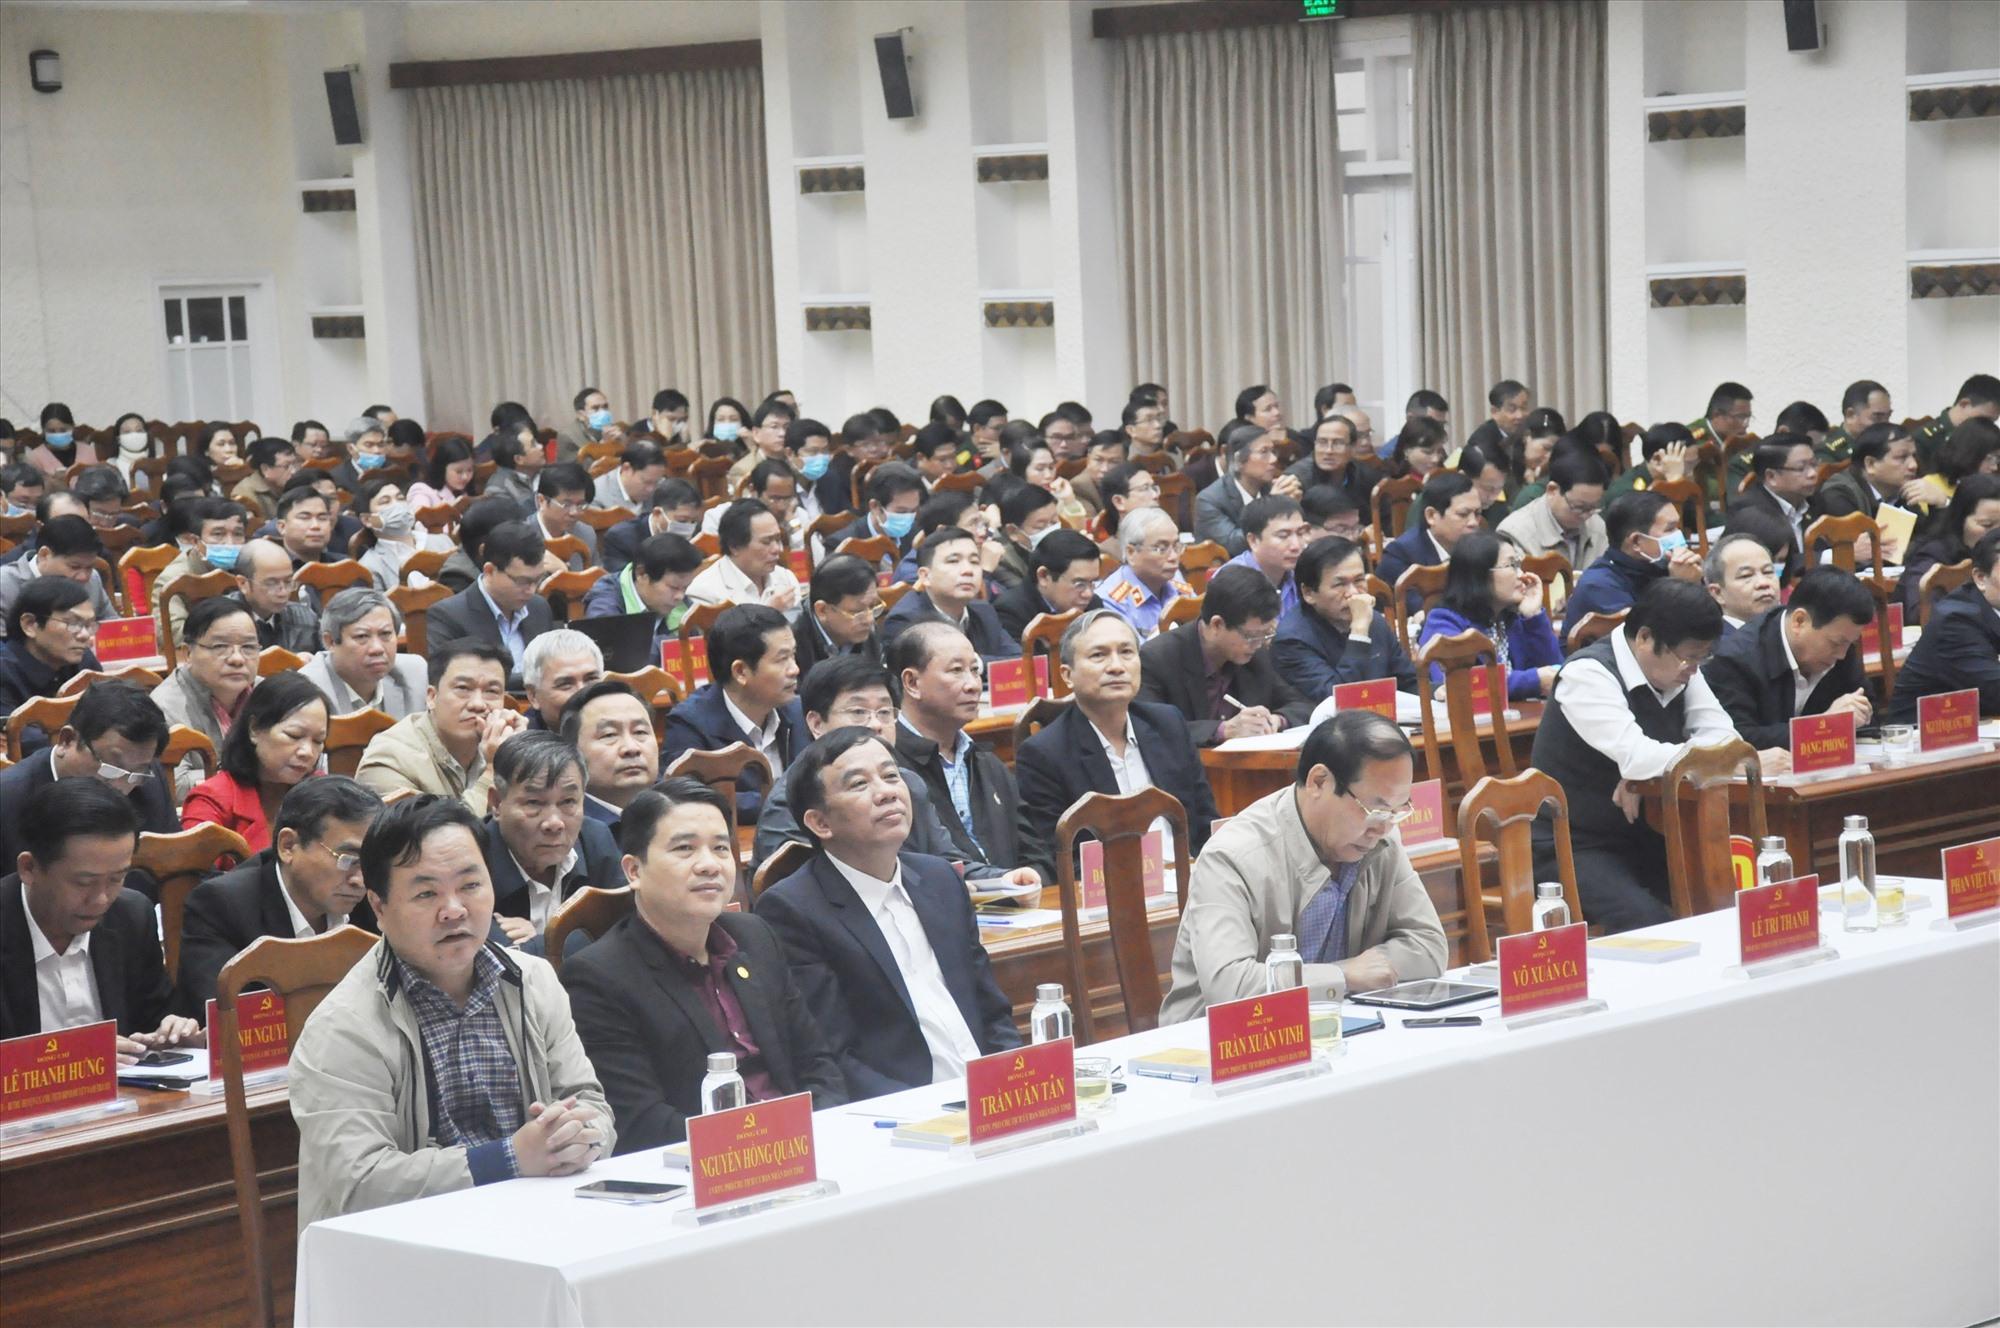 Các đại biểu dự hội nghị học tập, nghiên cứu, quán triệt Nghị quyết Đại hội đại biểu Đảng bộ tỉnh lần thứ XXII sáng nay 4.1. Ảnh: N.Đ